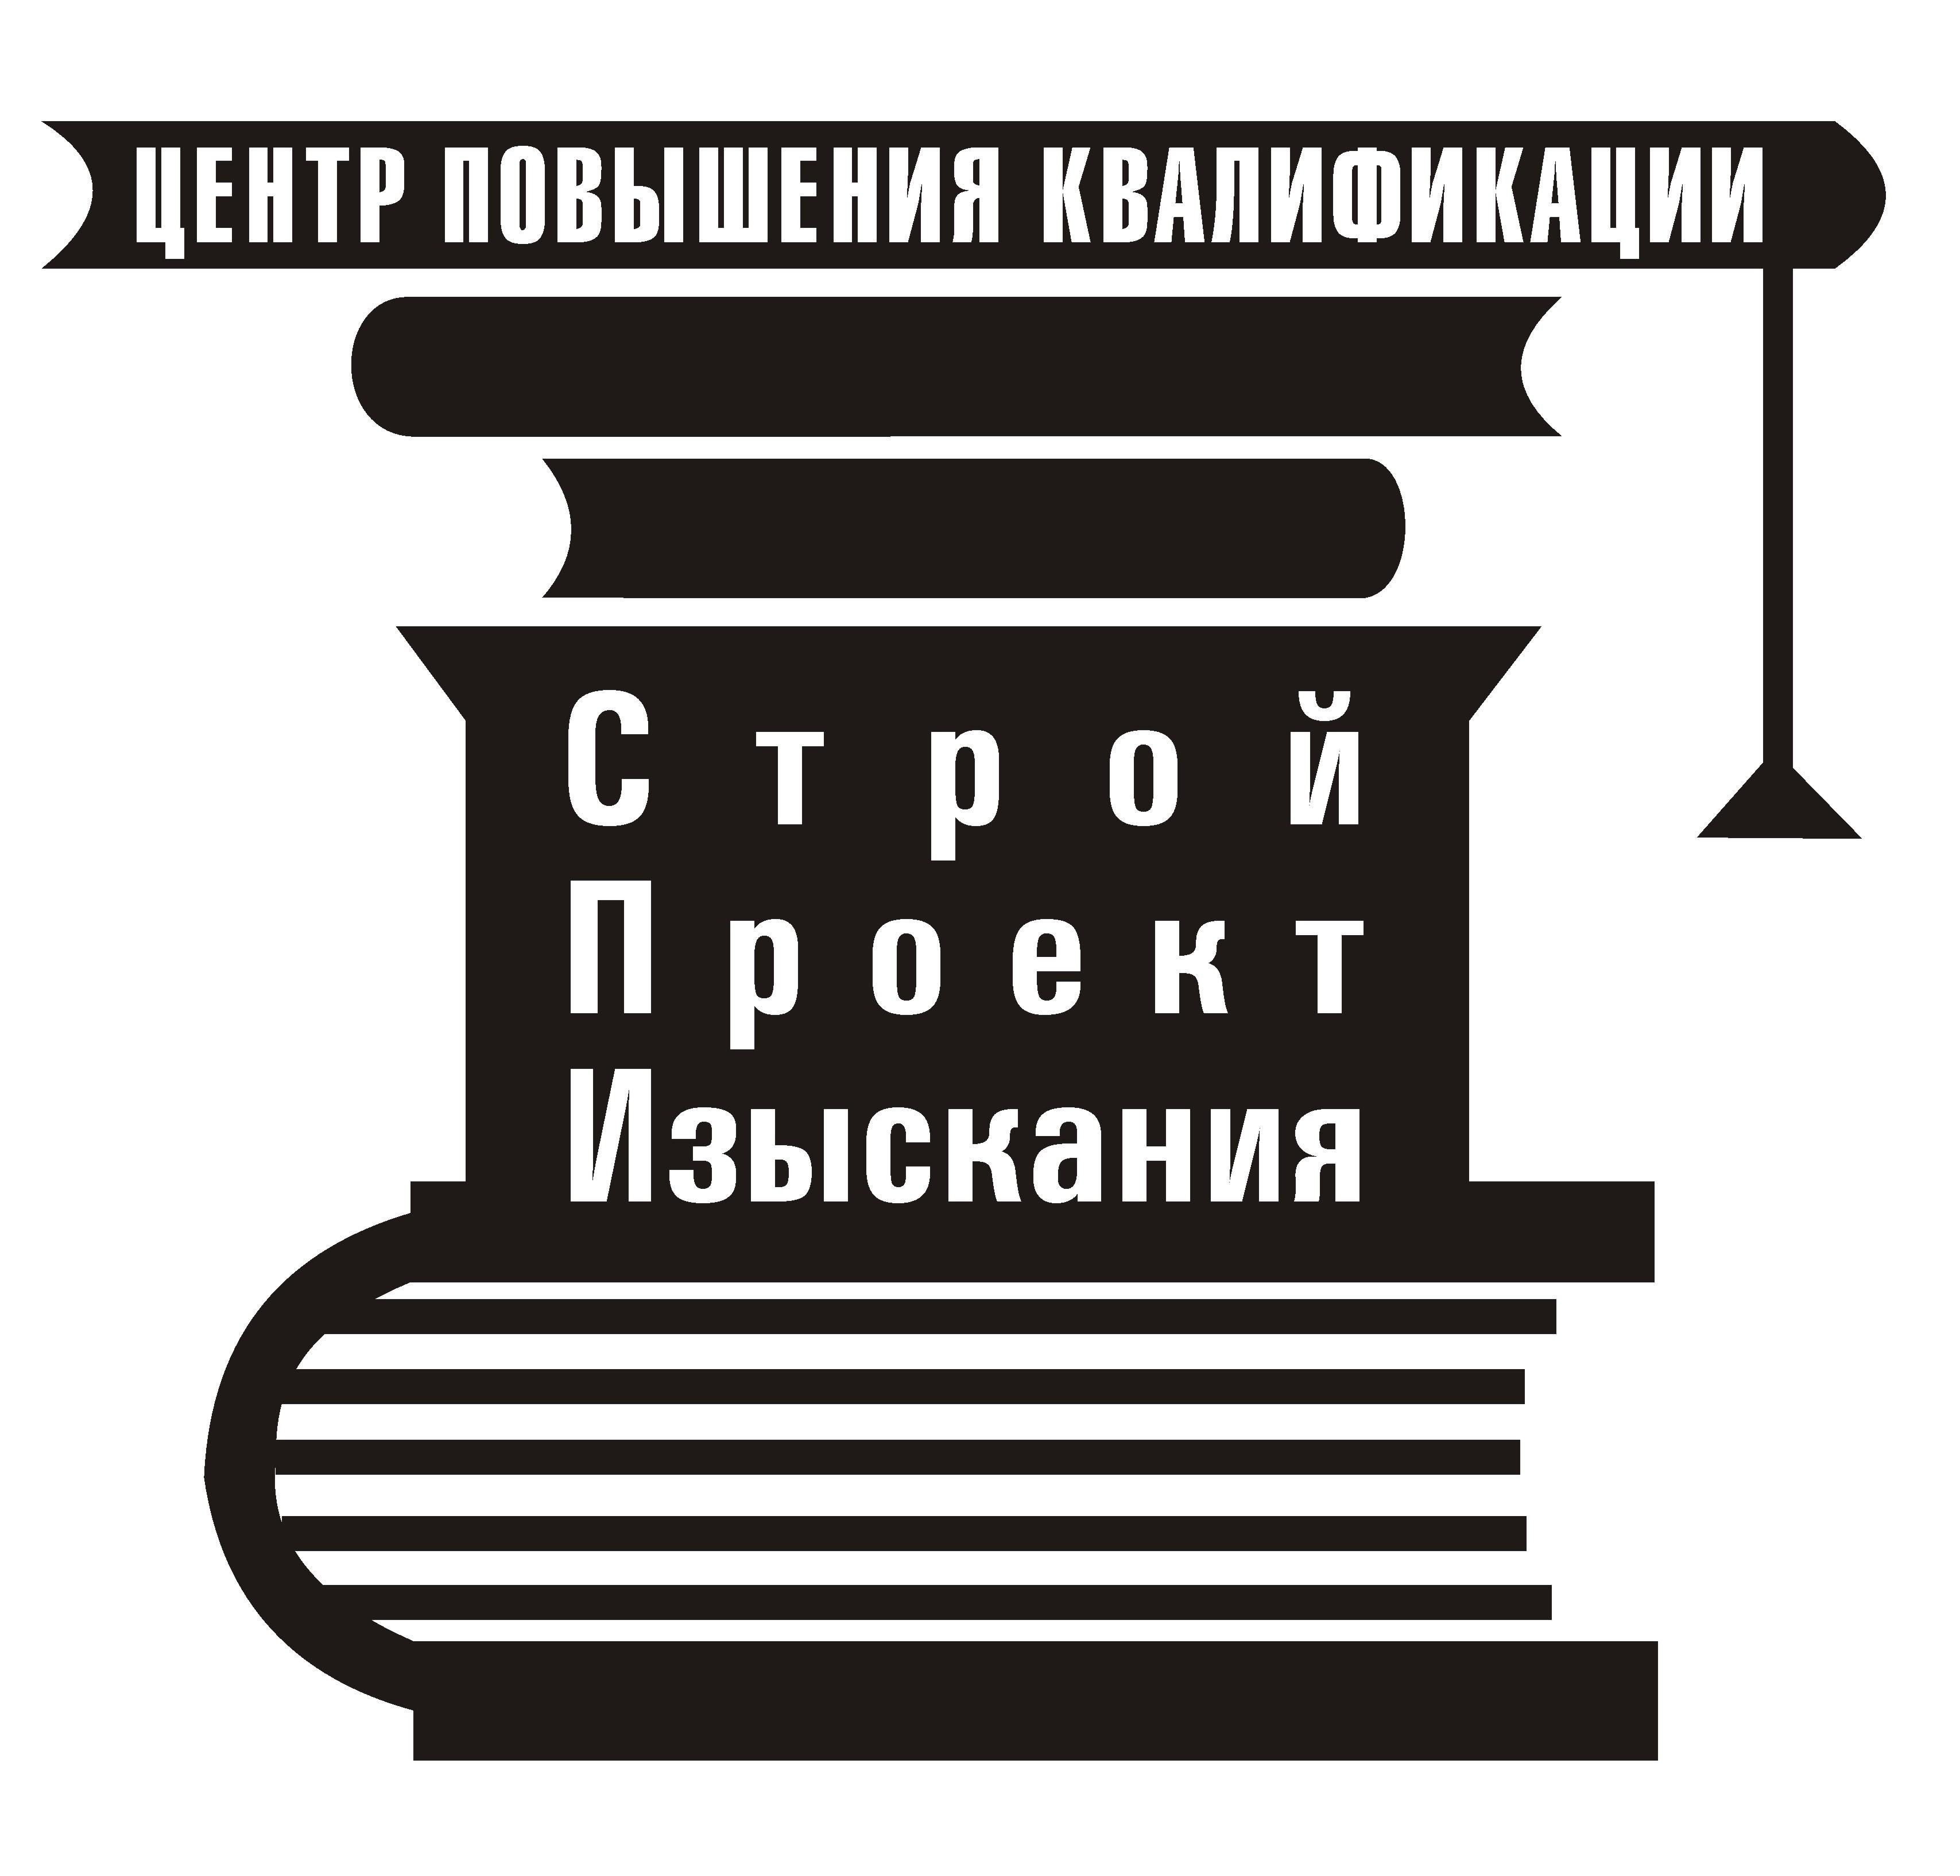 Разработка логотипа  фото f_4f3181a034166.jpg